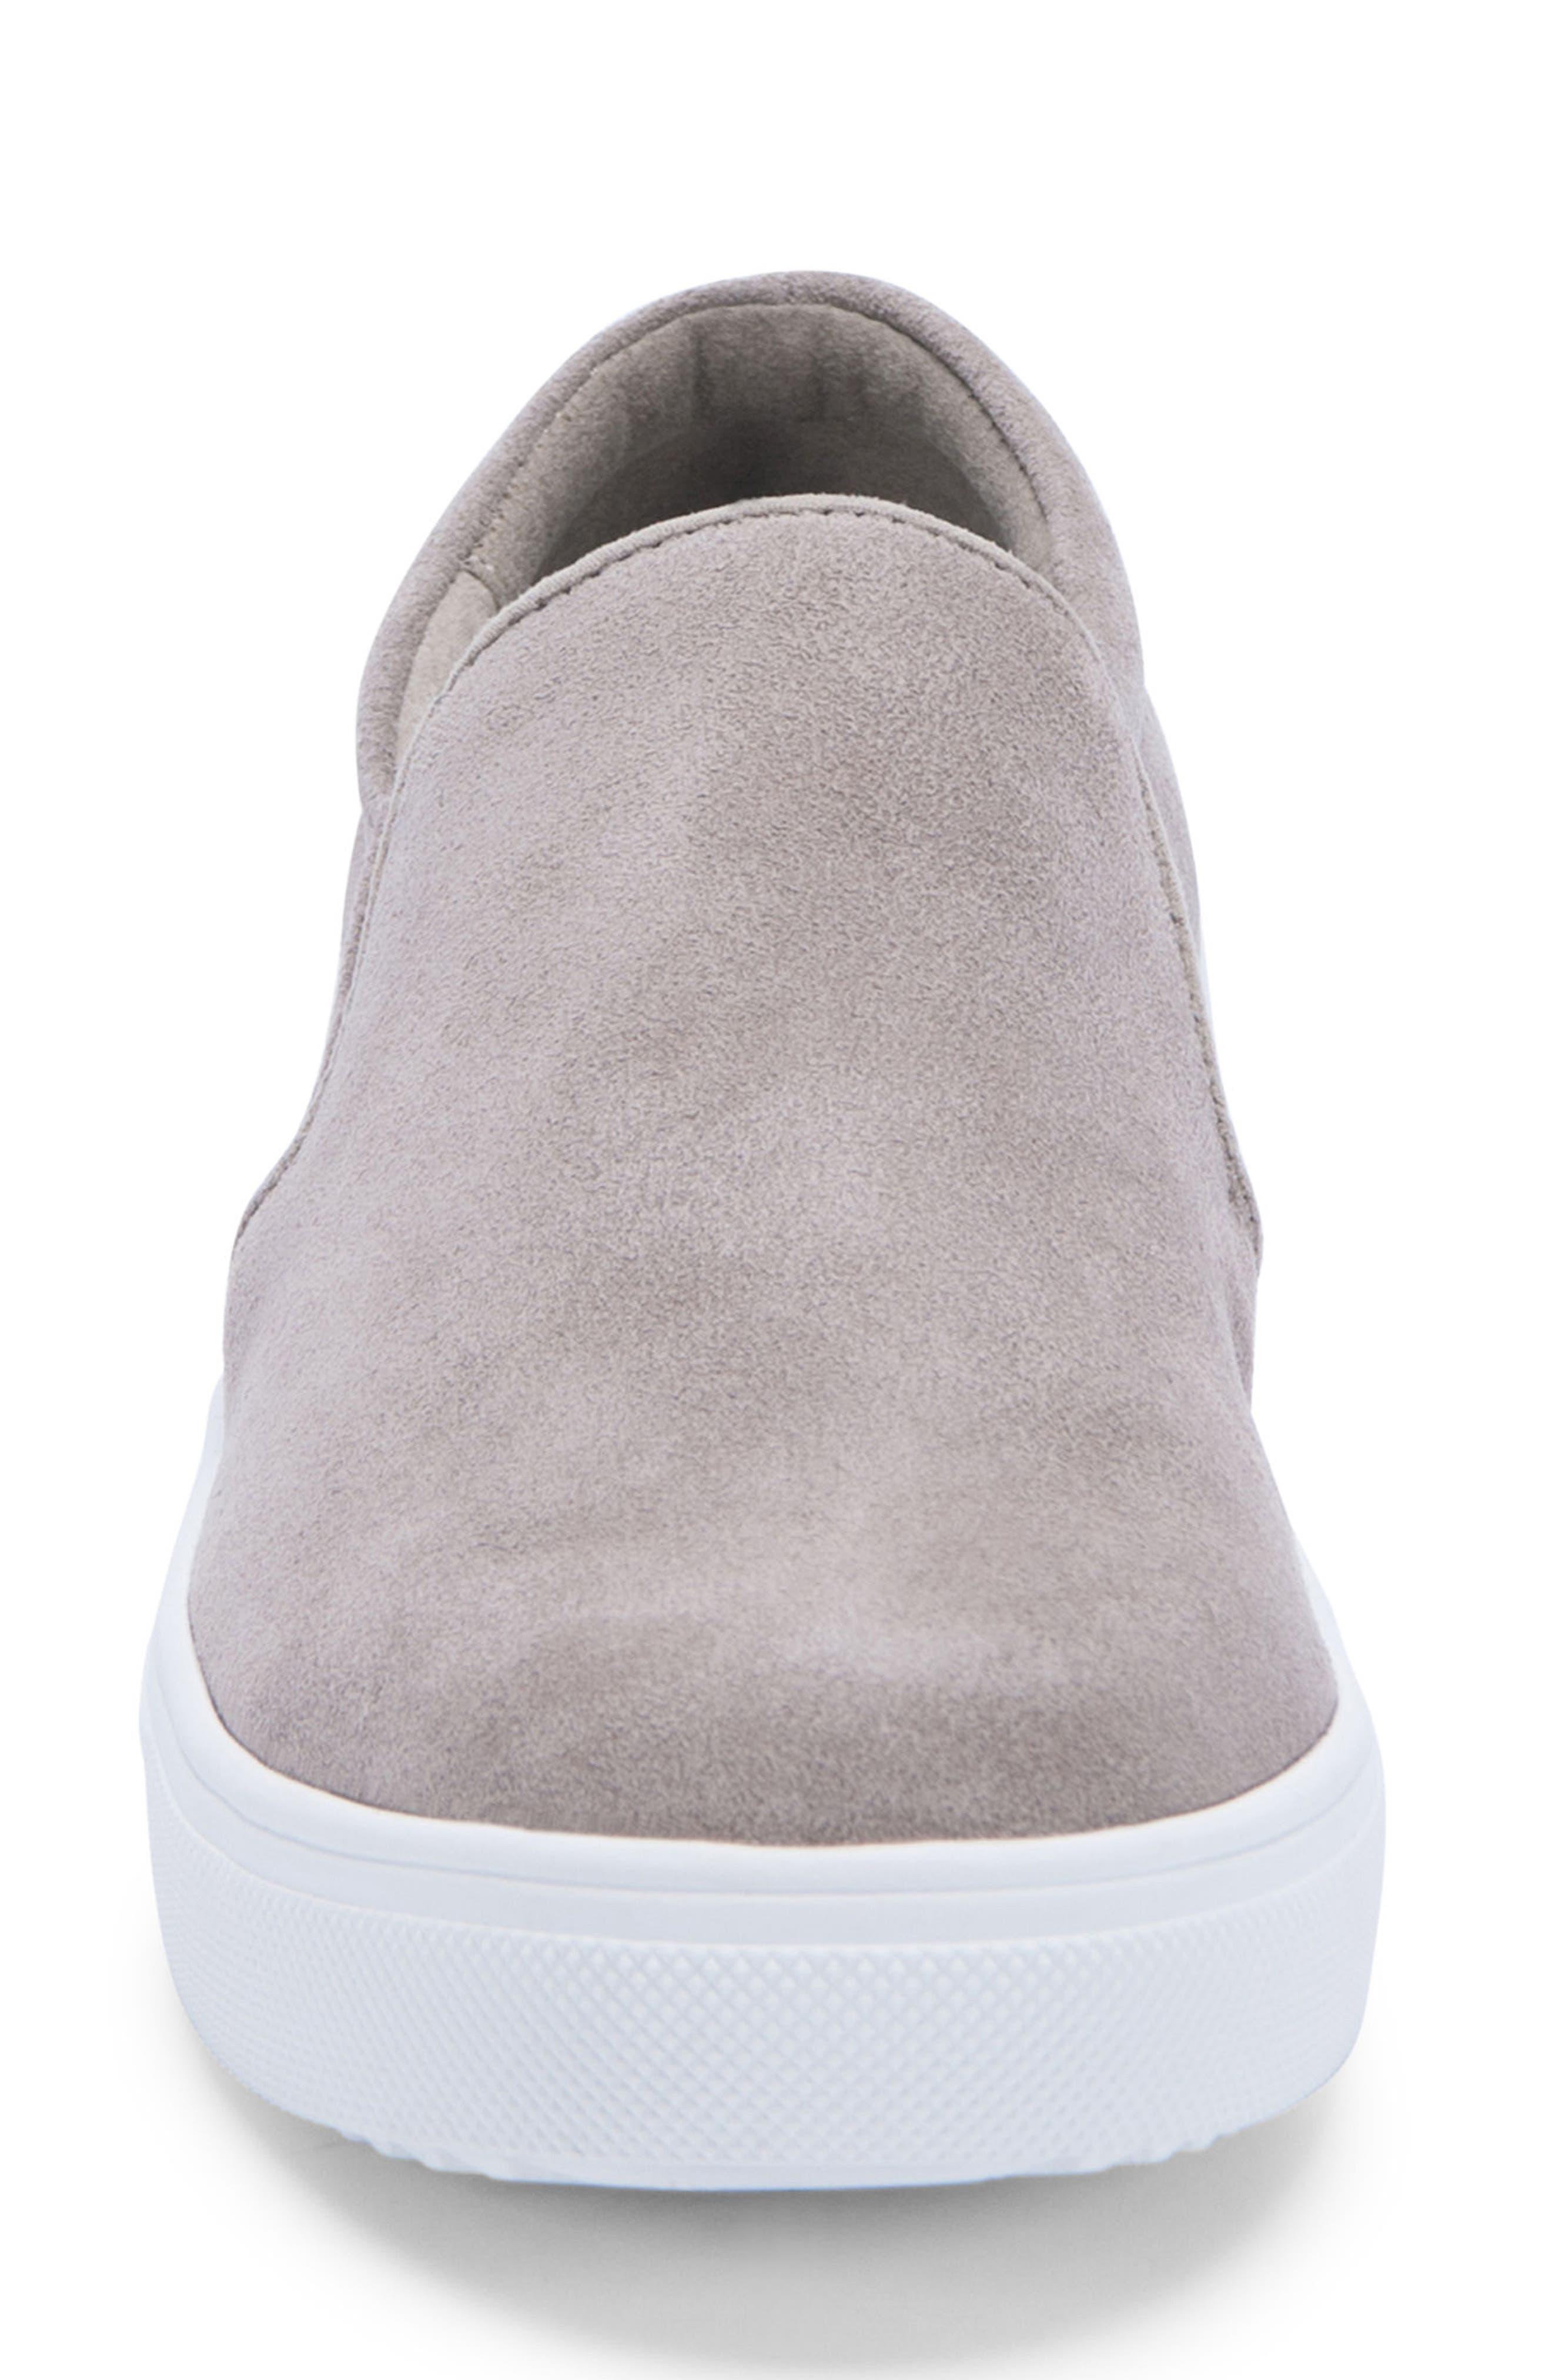 BLONDO, Gracie Waterproof Slip-On Sneaker, Alternate thumbnail 4, color, MUSHROOM SUEDE